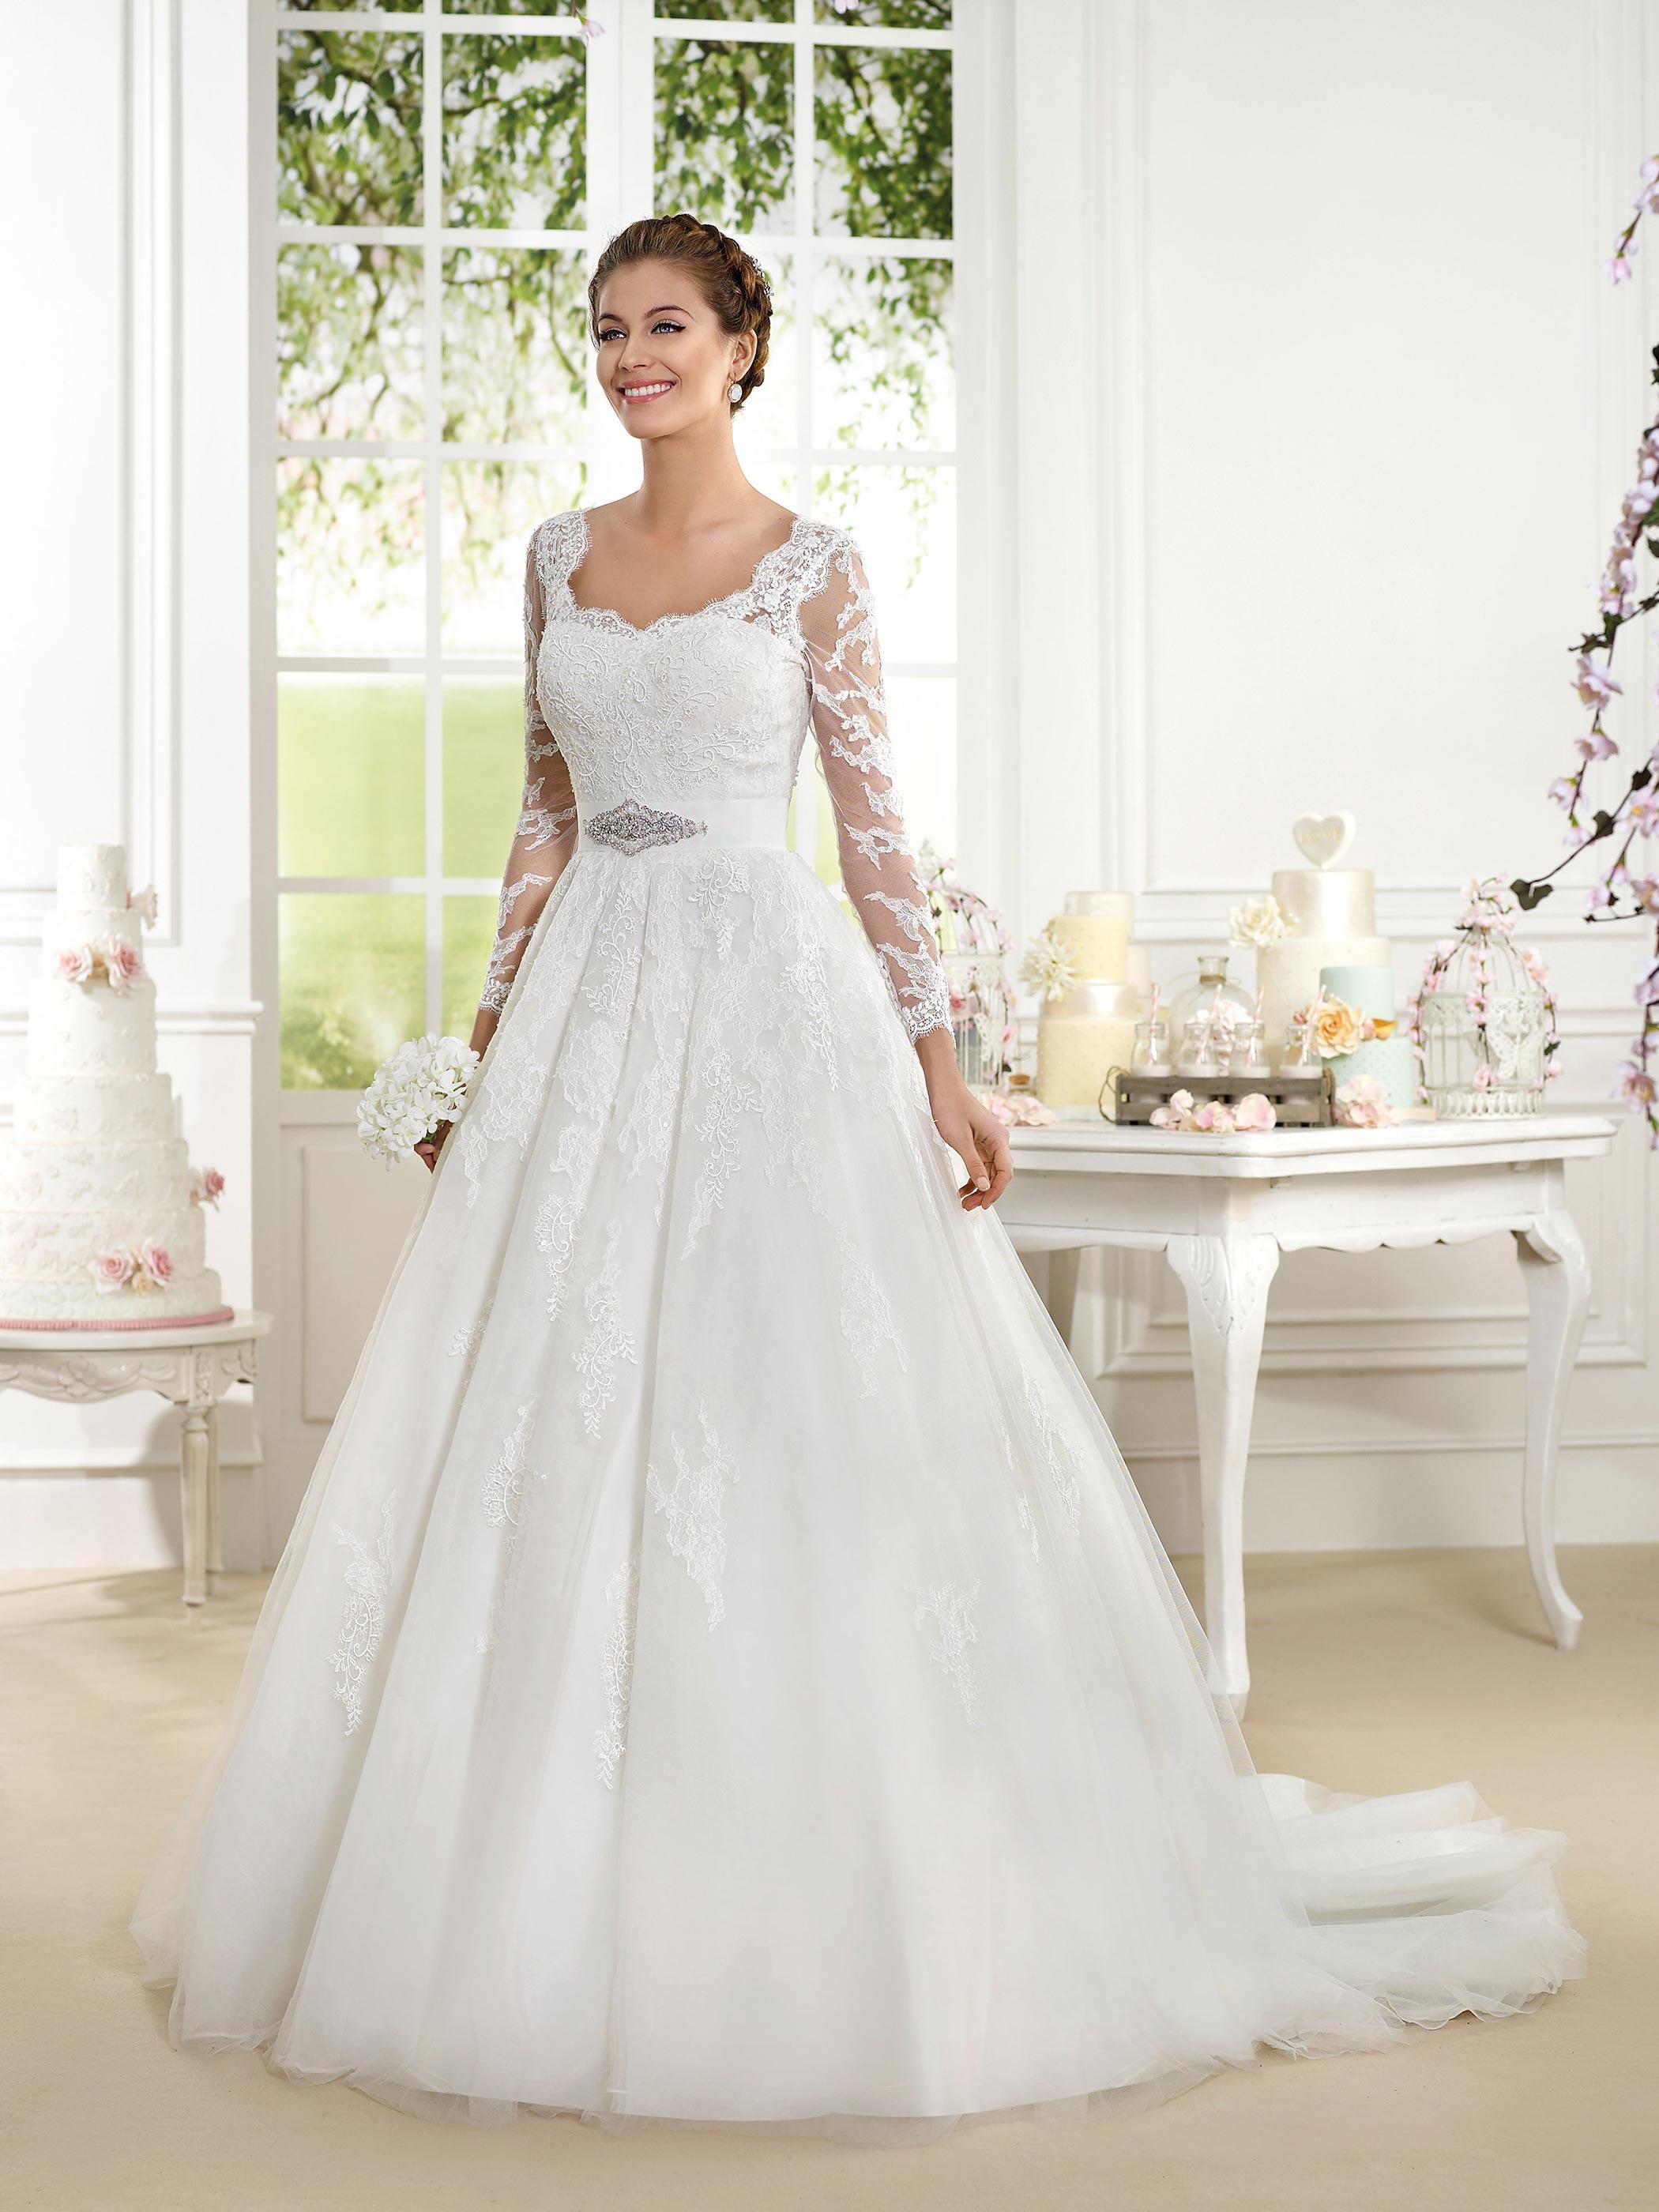 942534c99553 Abiti Da Sposa Xl » Roxana abito sposa principessa online tulle ...